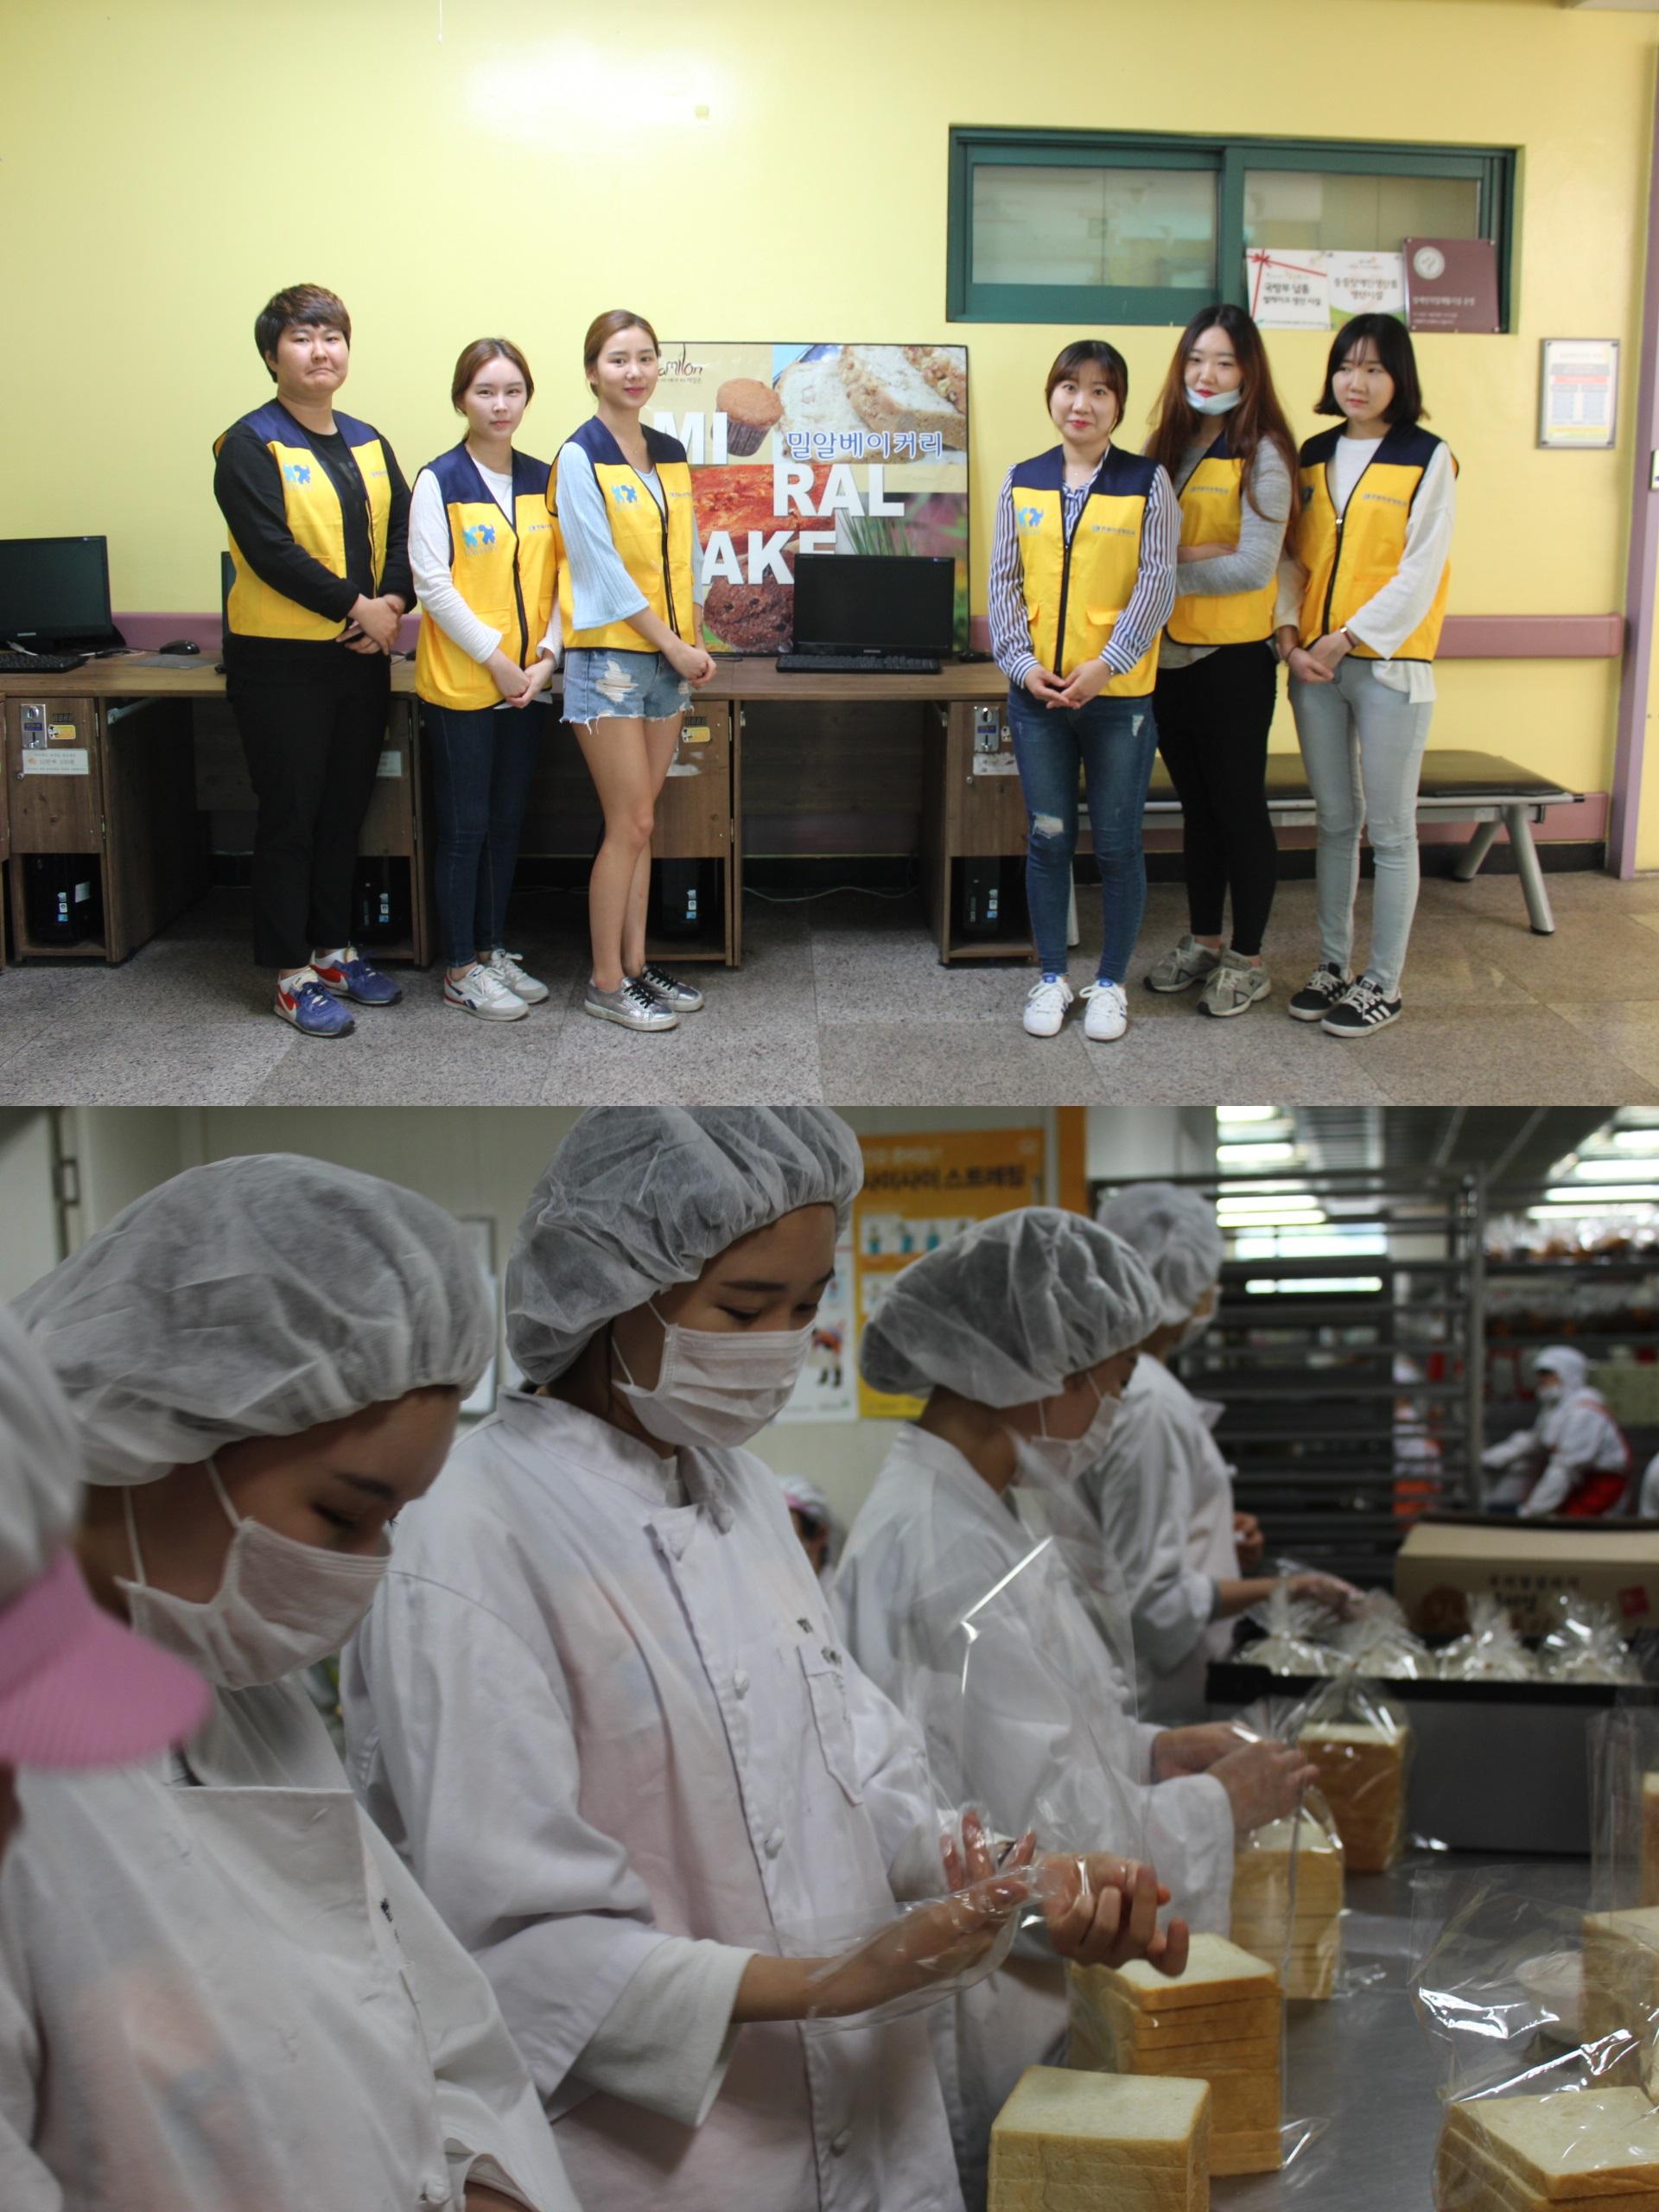 쥬얼리 성형외과, 장애인 근로자들 위해 '봉사 도우미' 자처